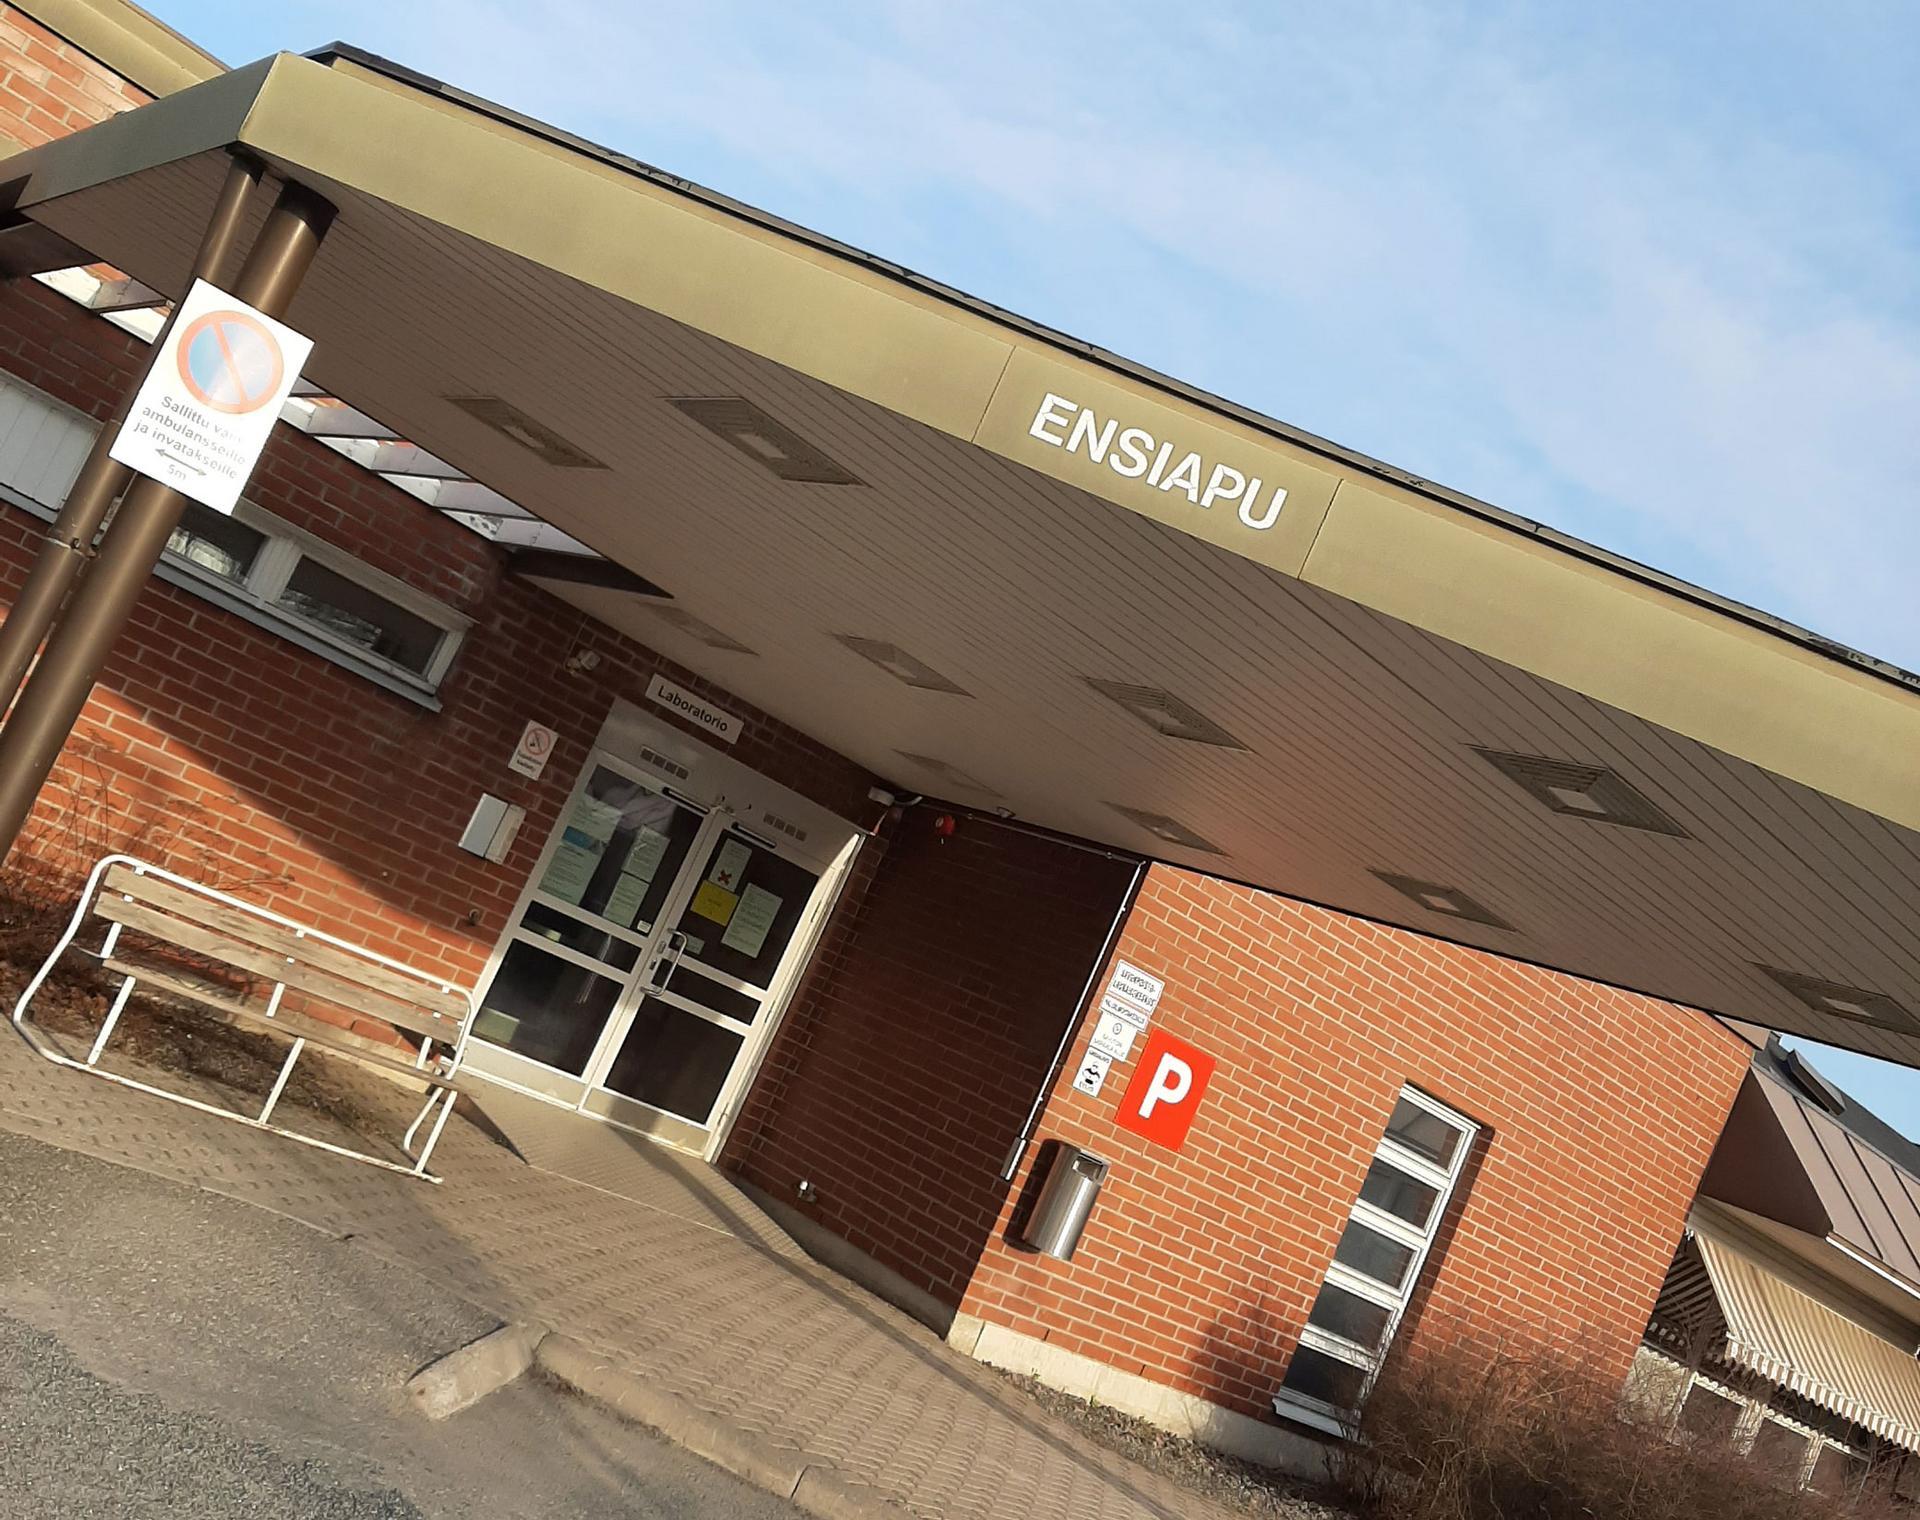 Terveyskeskuksen vuosimaksusta luopuminen tarkoittaa kuntalaiselle enintään 20,60 euron lisämaksua vuodessa.